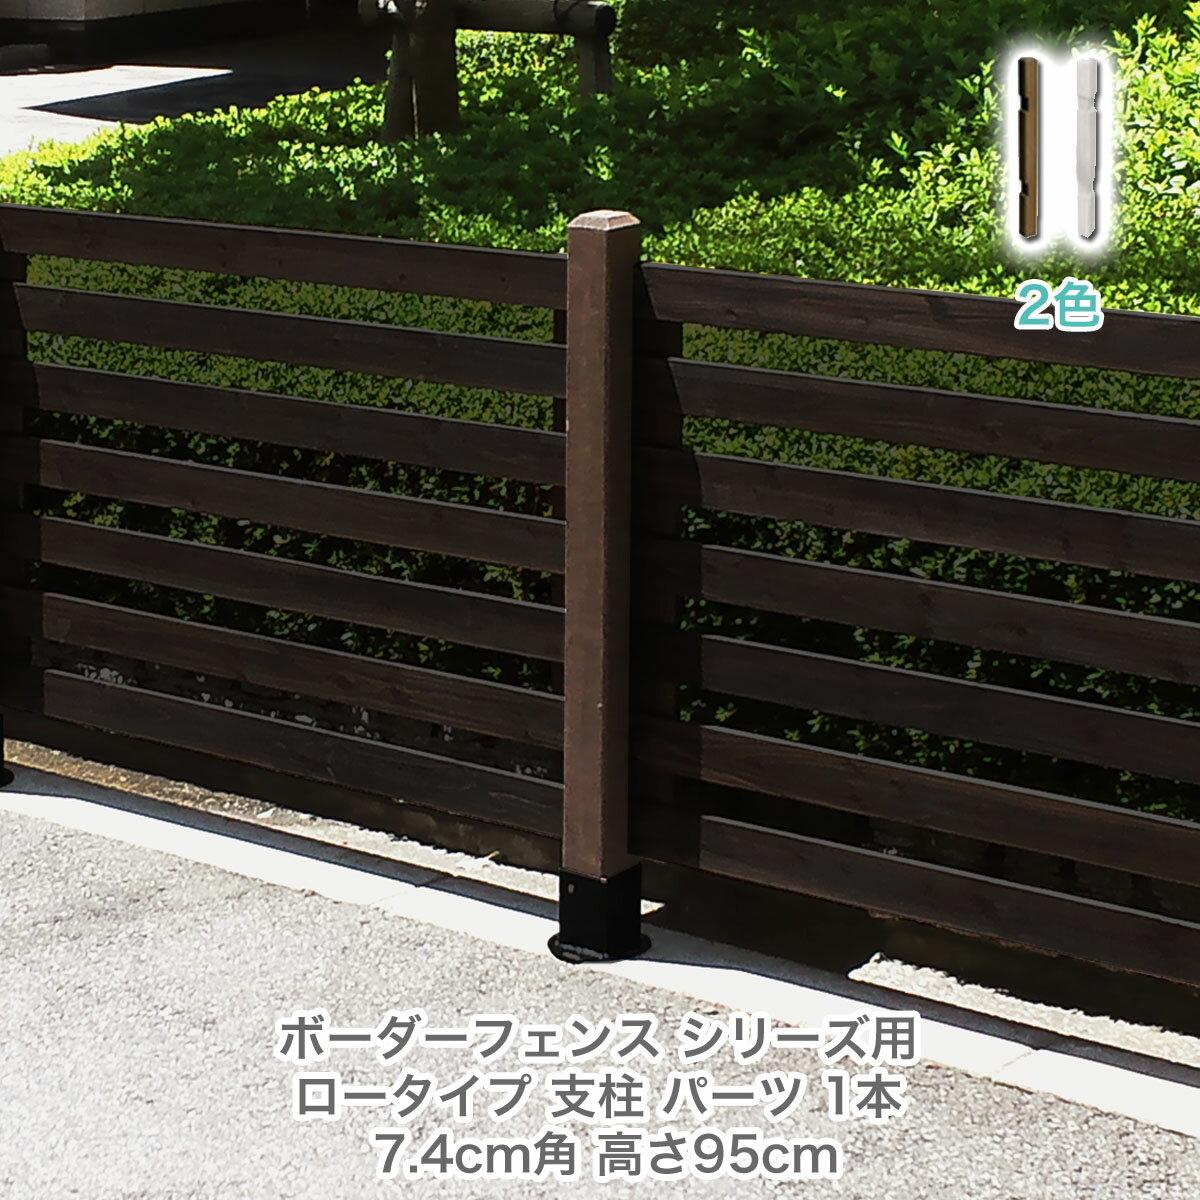 木製 フェンス ボーダーフェンス用 ポール ロータイプ 高さ95cm 支柱単品1本 DIY ウッドフェンス 柱 jsbp-950